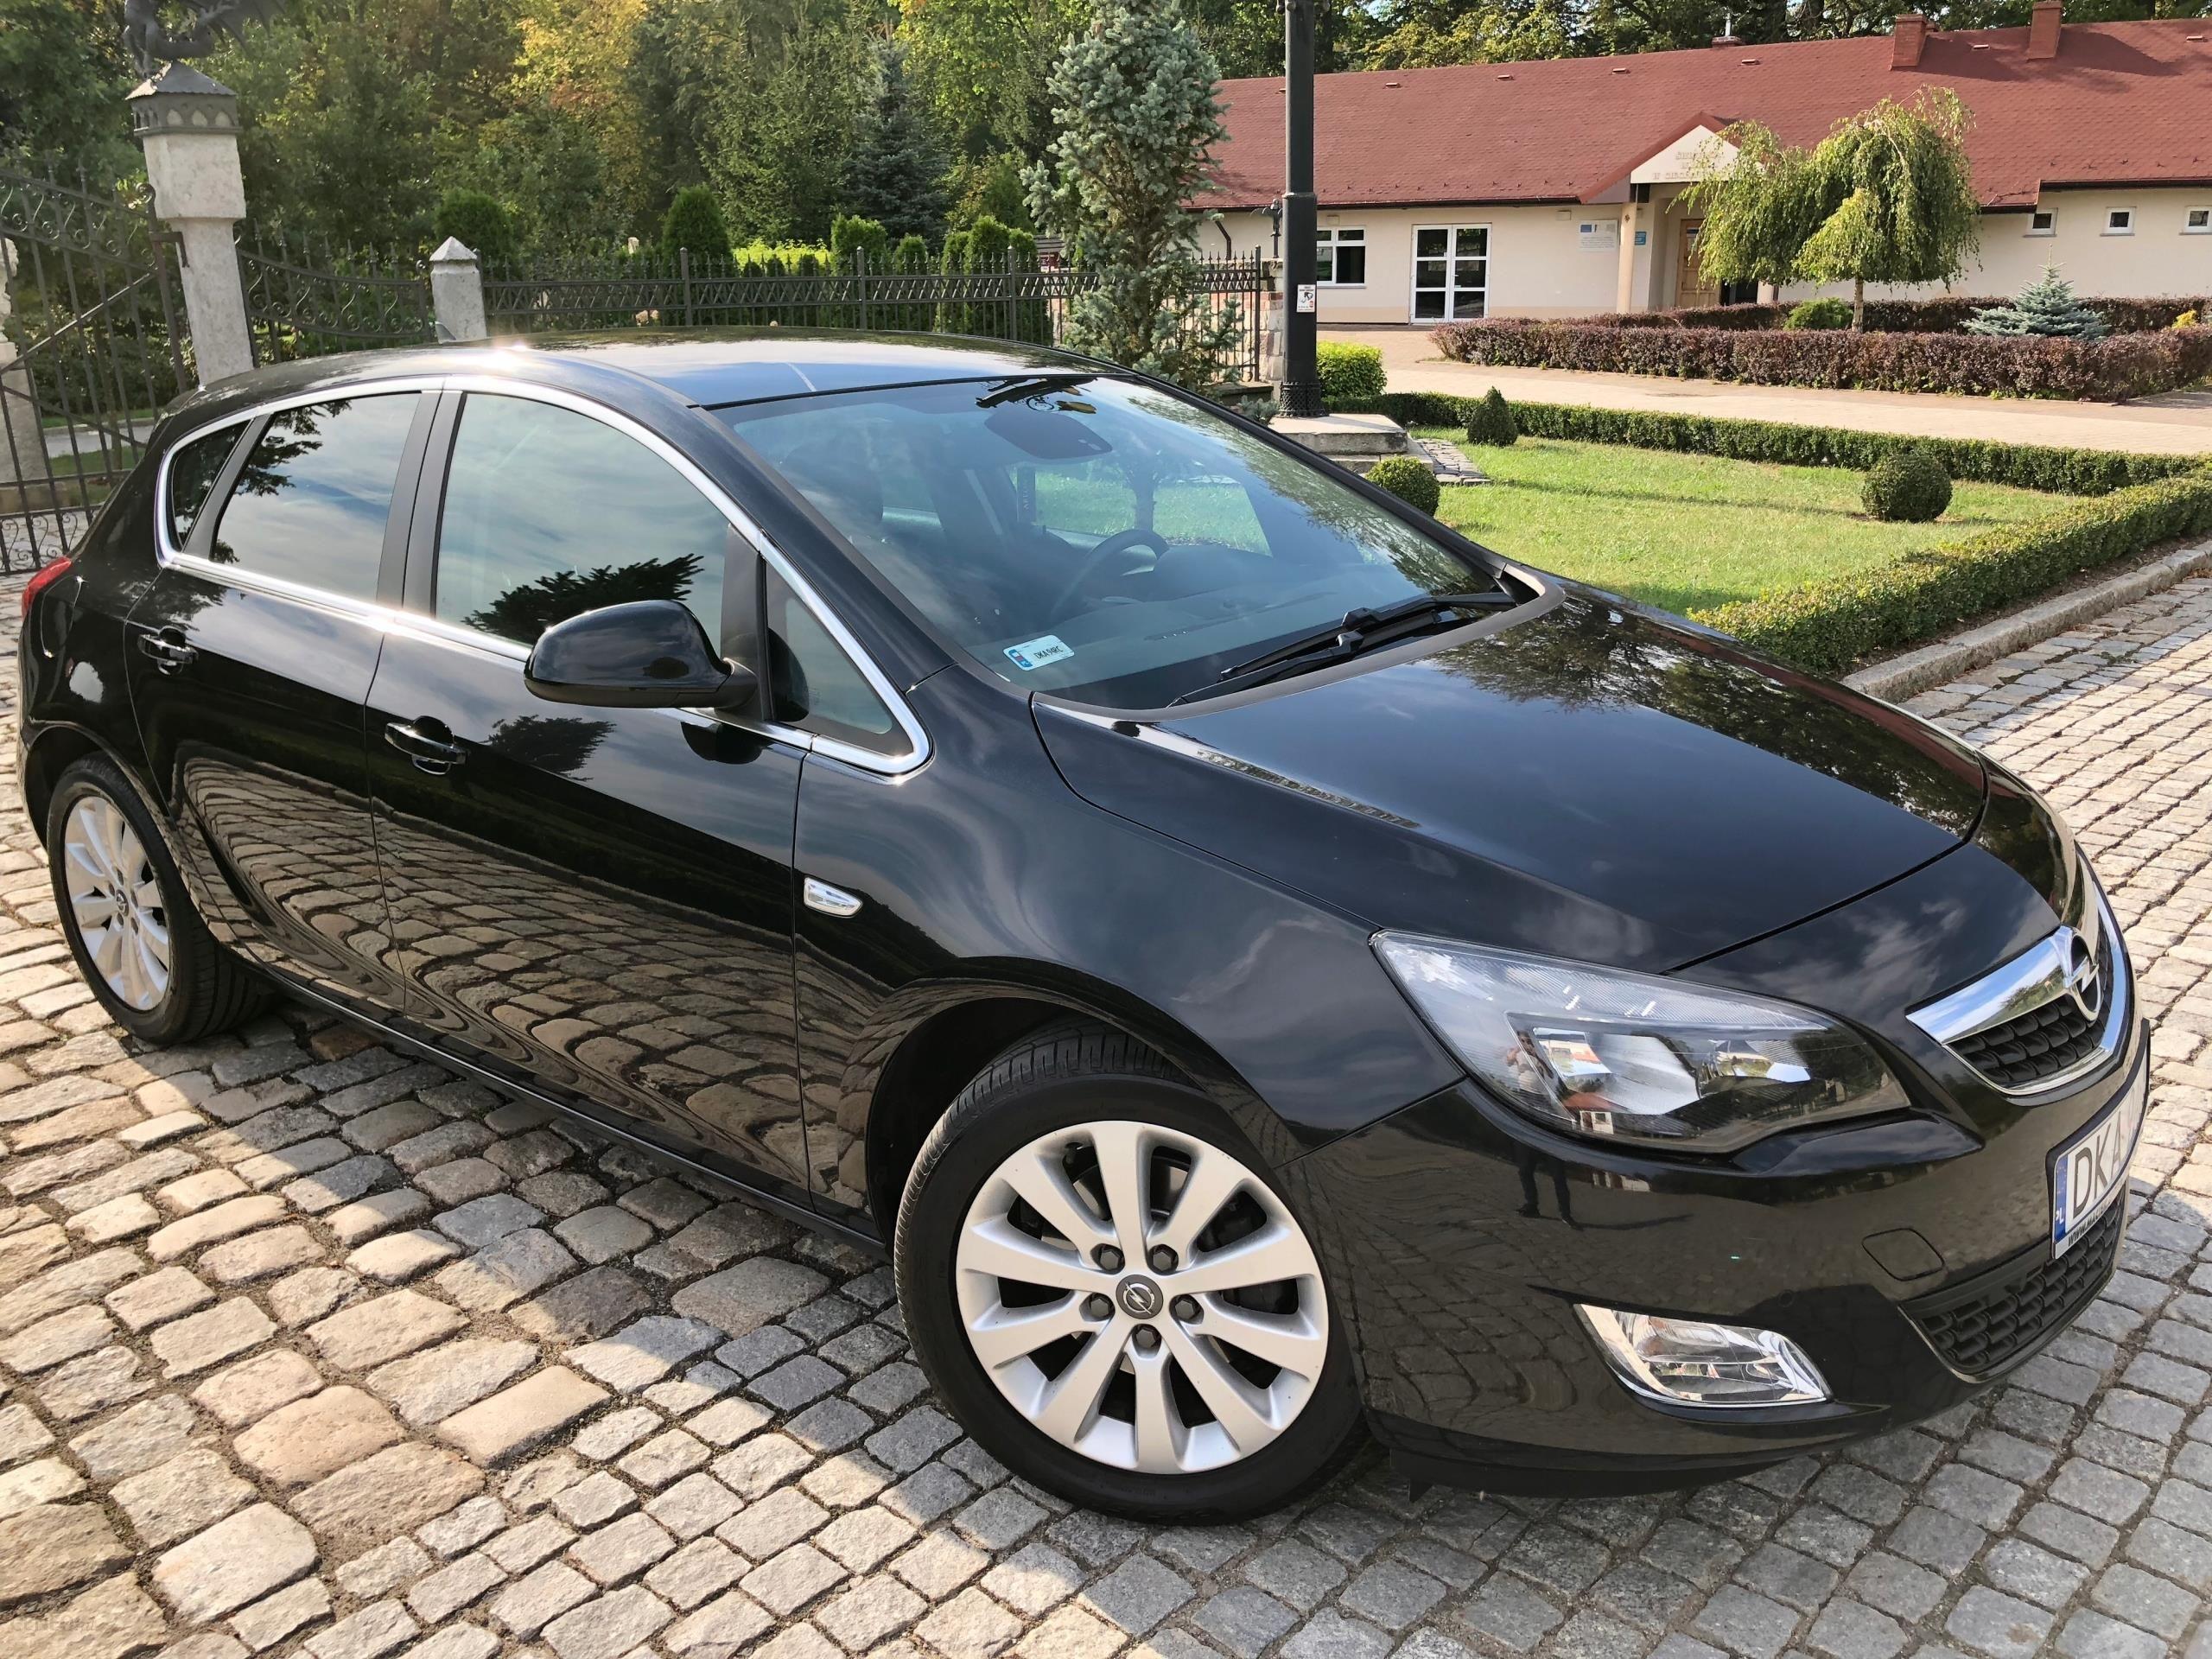 Bardzo dobra Opel Astra IV J 1.7 CDTI Cosmo - Opinie i ceny na Ceneo.pl XF97